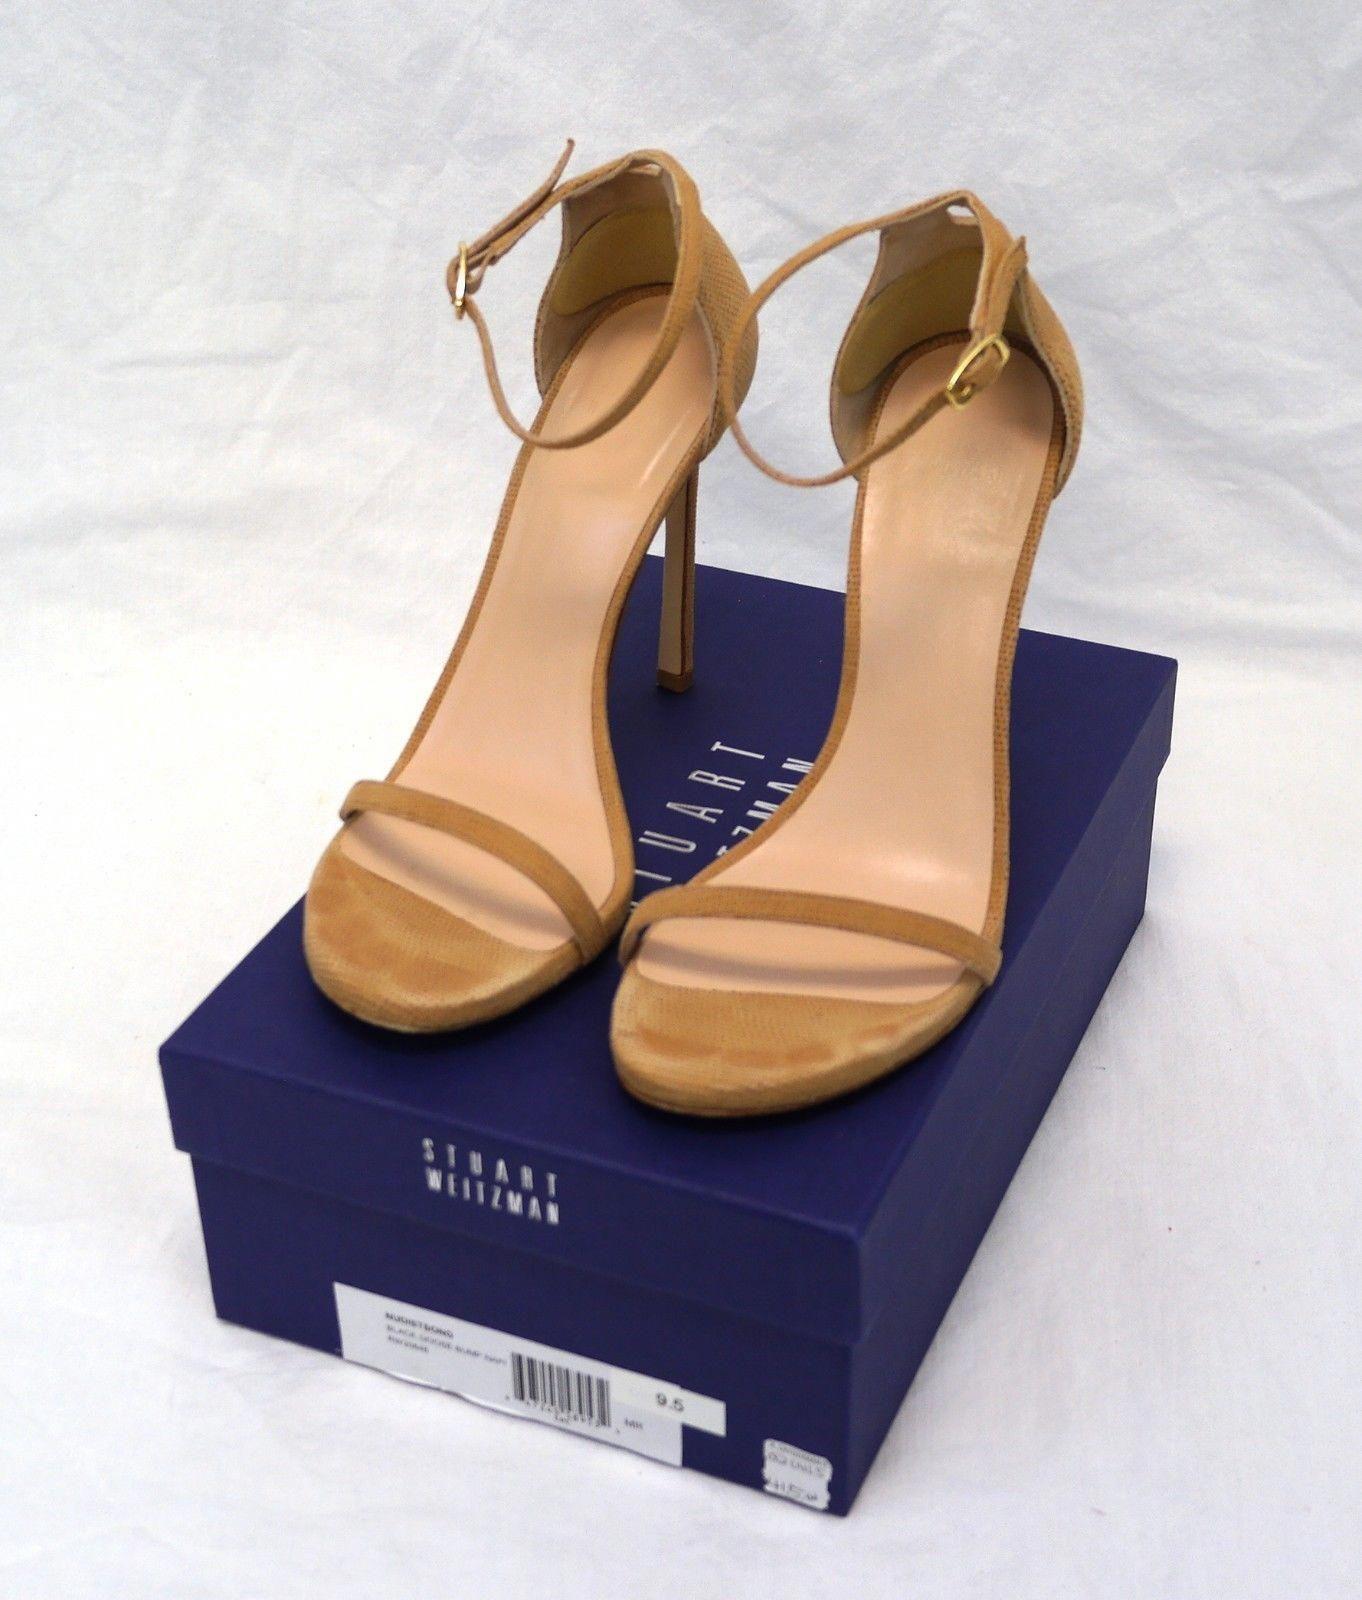 78d137ed603 EUC Stuart Weitzman Nudistsong High Heel Sandal